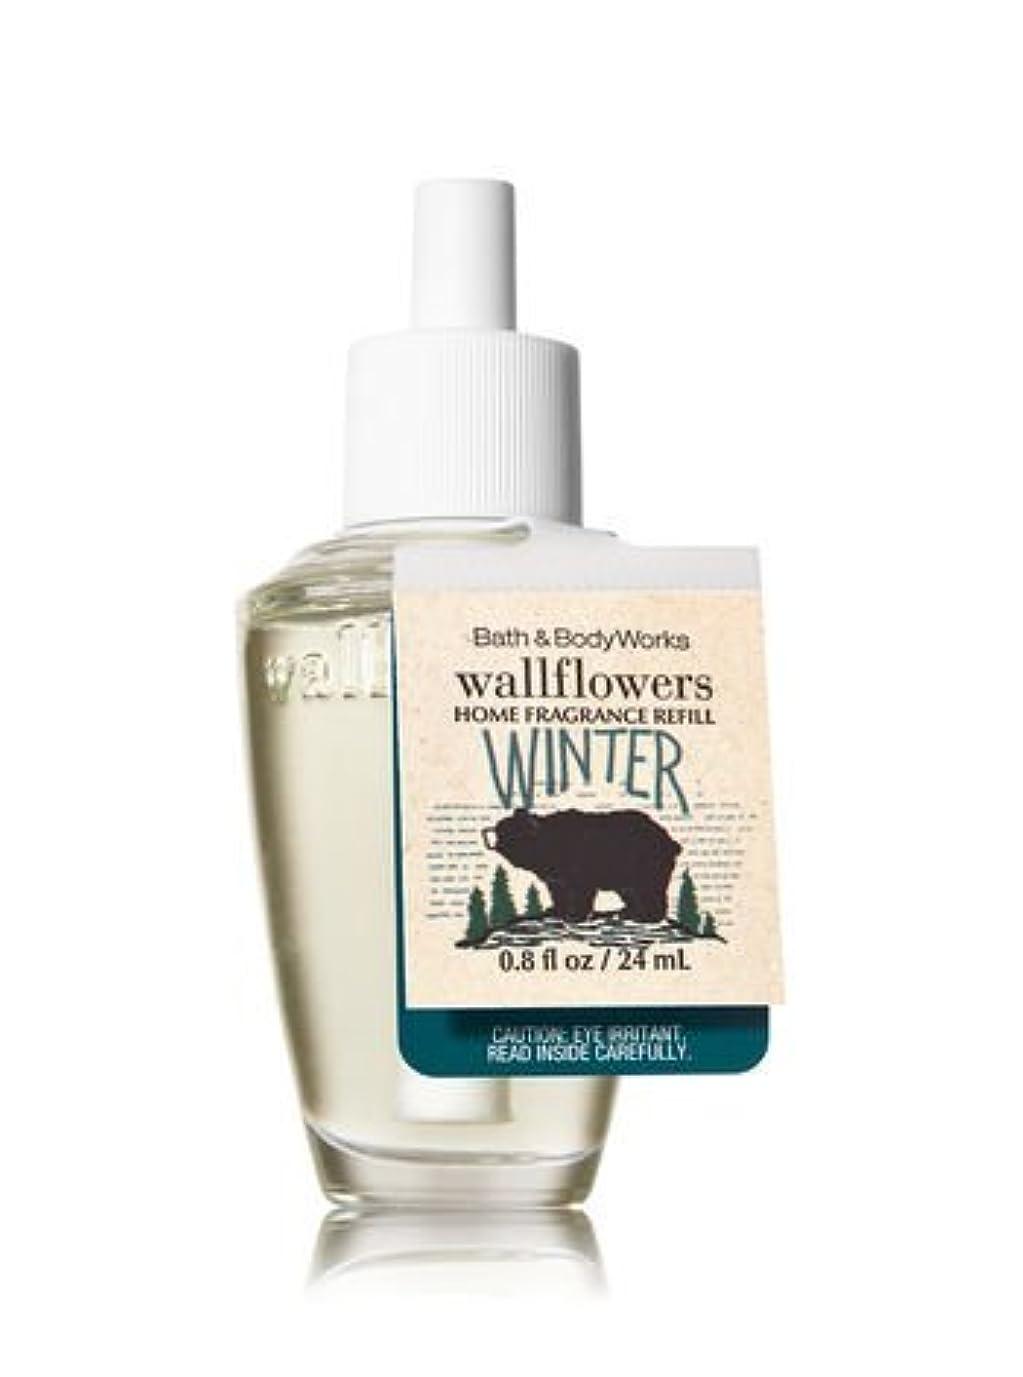 エレガント利点抽象化【Bath&Body Works/バス&ボディワークス】 ルームフレグランス 詰替えリフィル ウィンター Wallflowers Home Fragrance Refill Winter [並行輸入品]